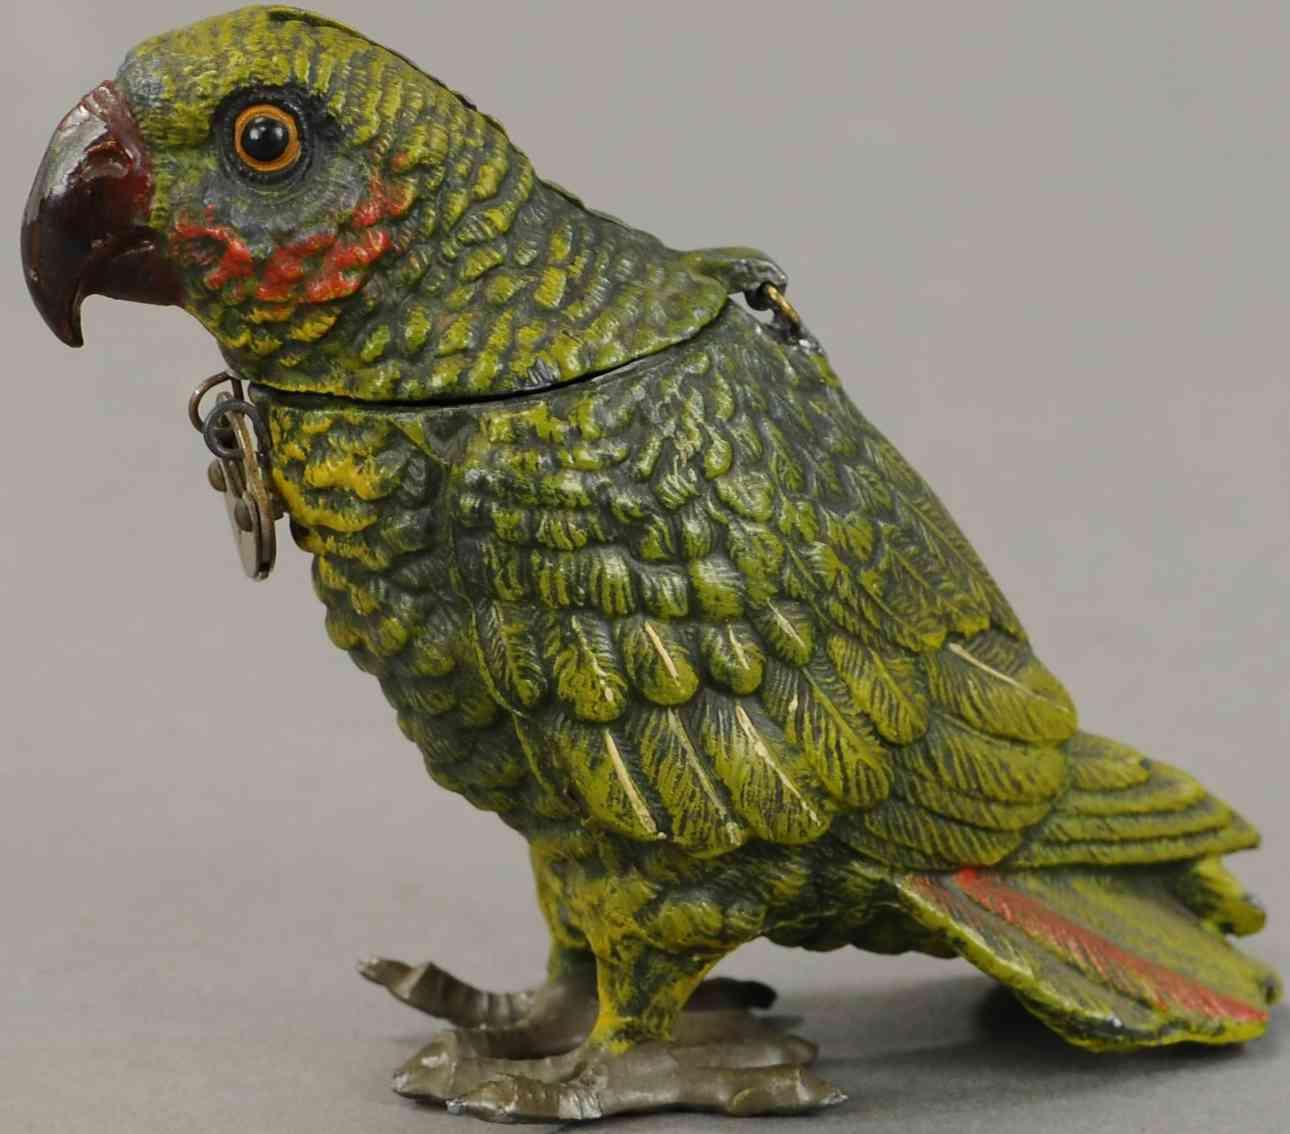 spielzeug gusseisen papagei aus zinklegierung hat einen klappbaren kopf fester kiefer